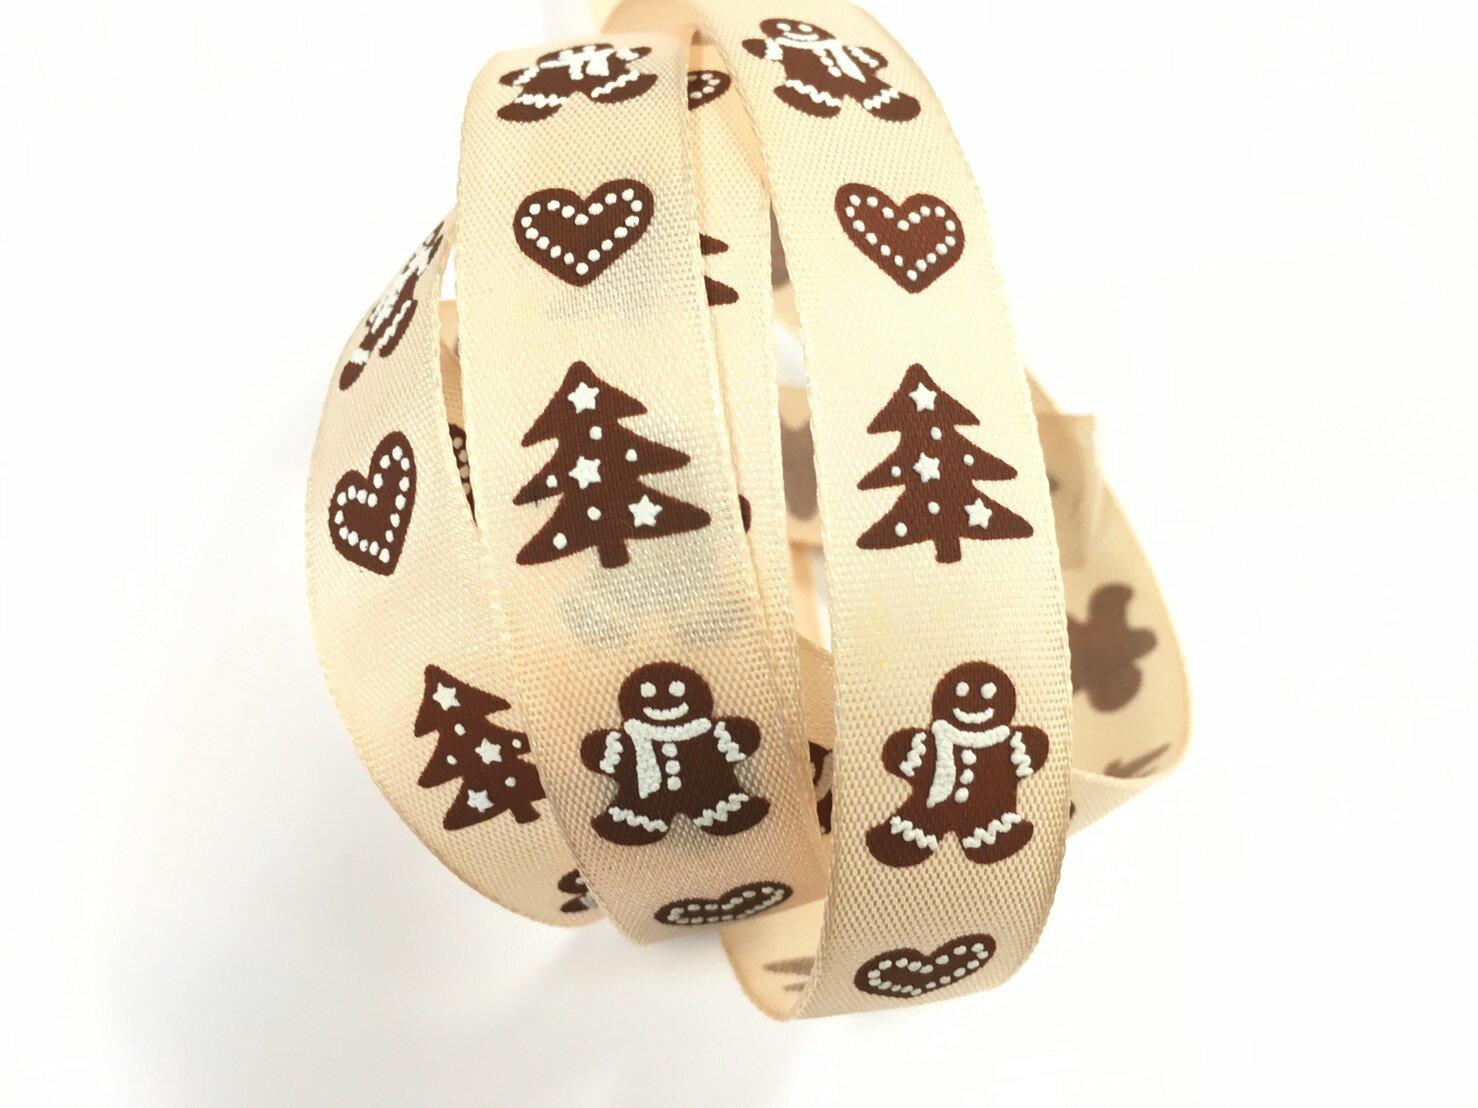 聖誕緞帶薑餅人 3碼裝 (2款) - 限時優惠好康折扣